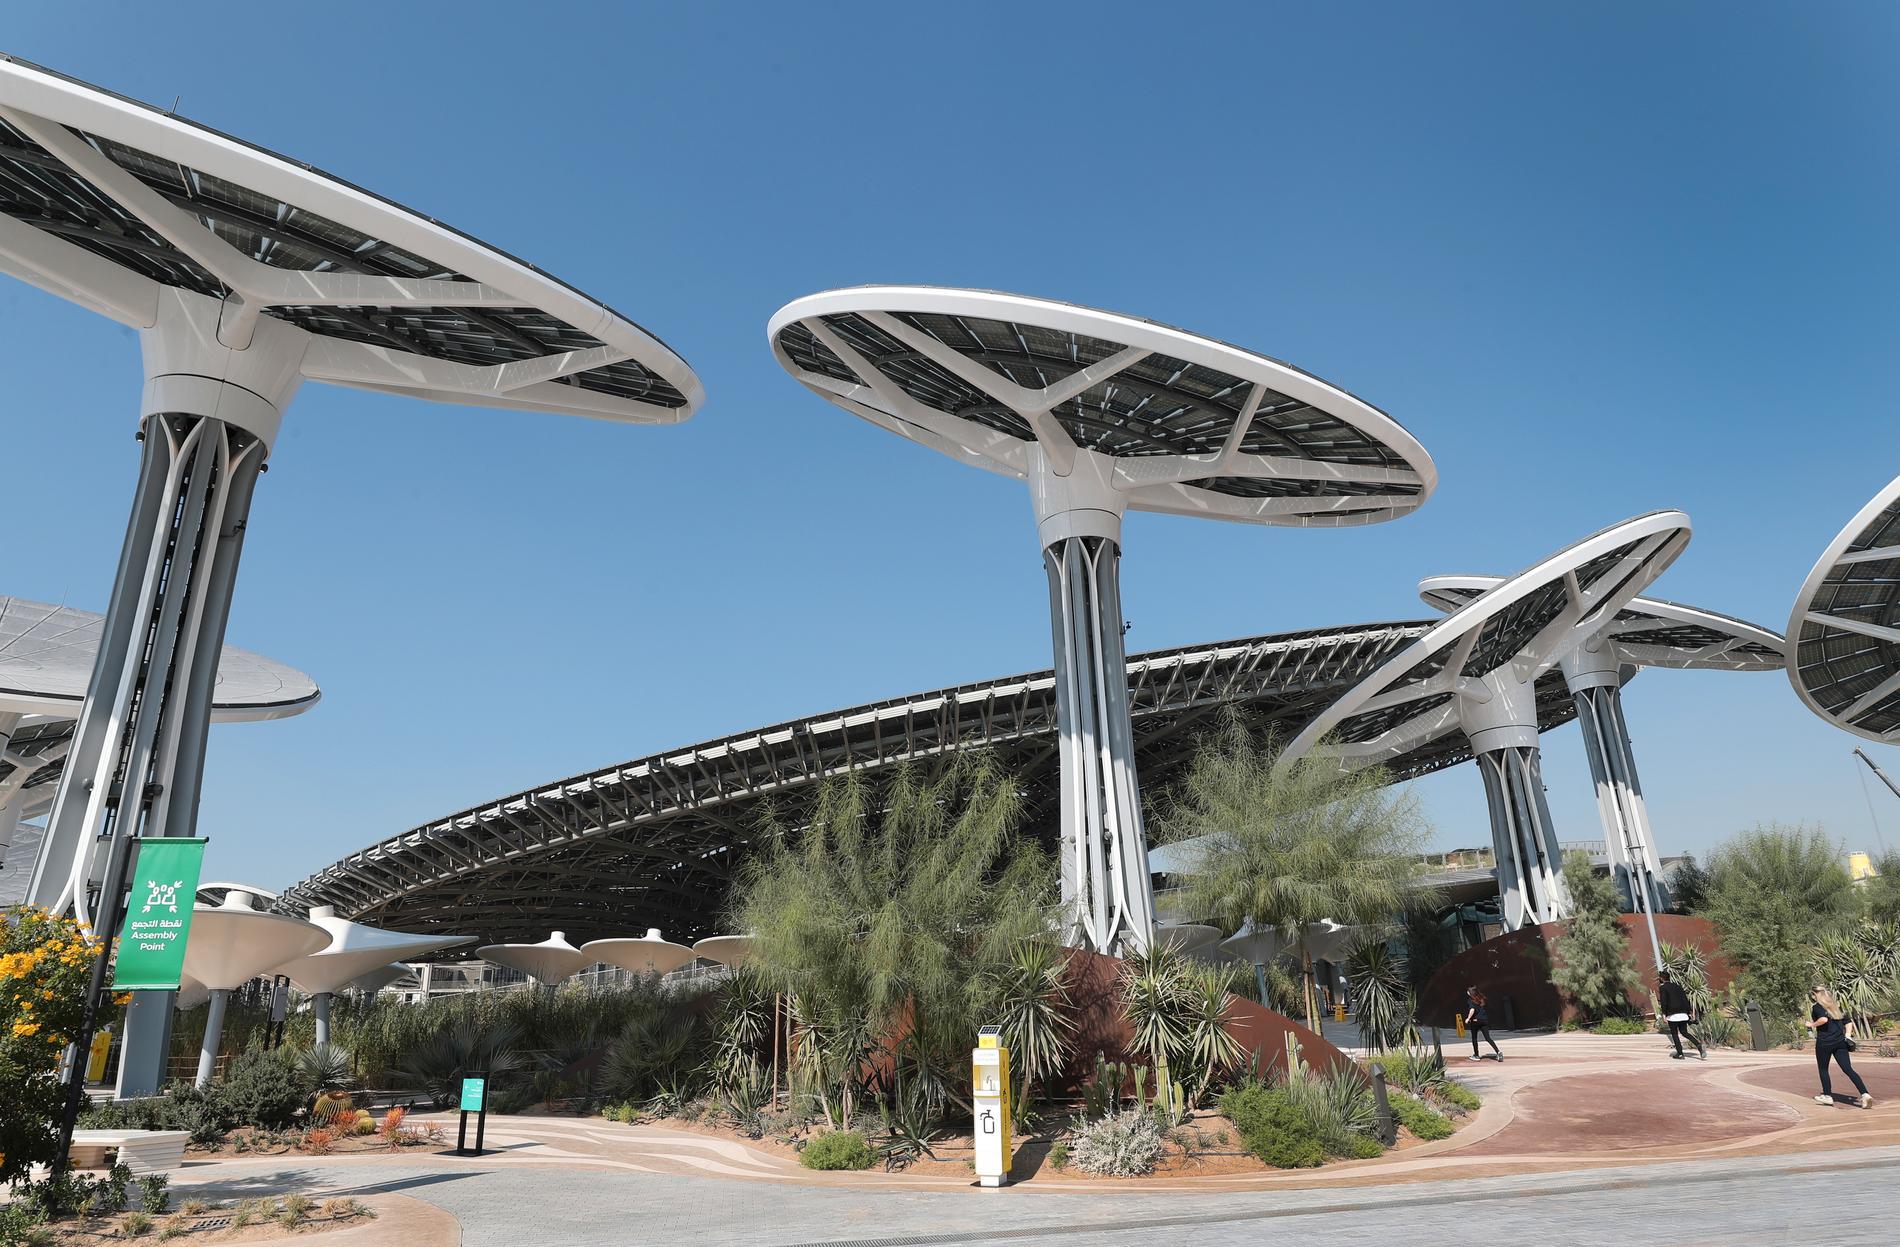 Hållbarhetspaviljongen Terra i Dubai som är en del av utställningen